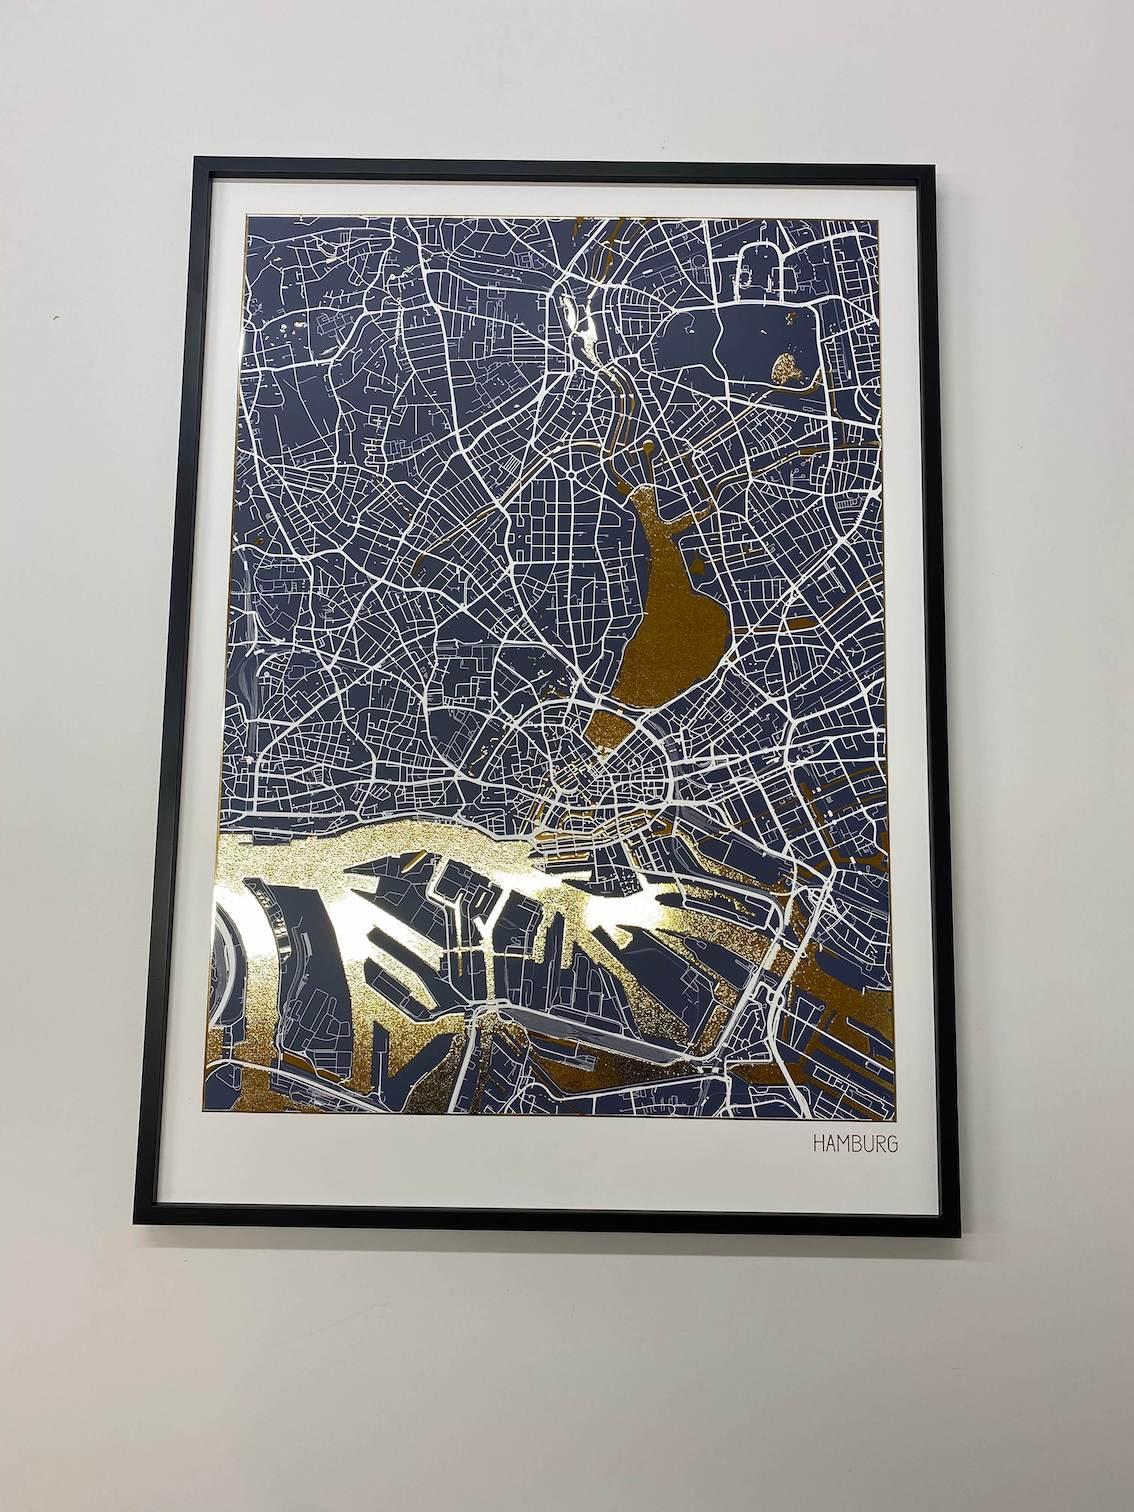 Affiche Carte Hambourg Dorée | Poster en Feuilles d'Or Véritable | Positive Prints